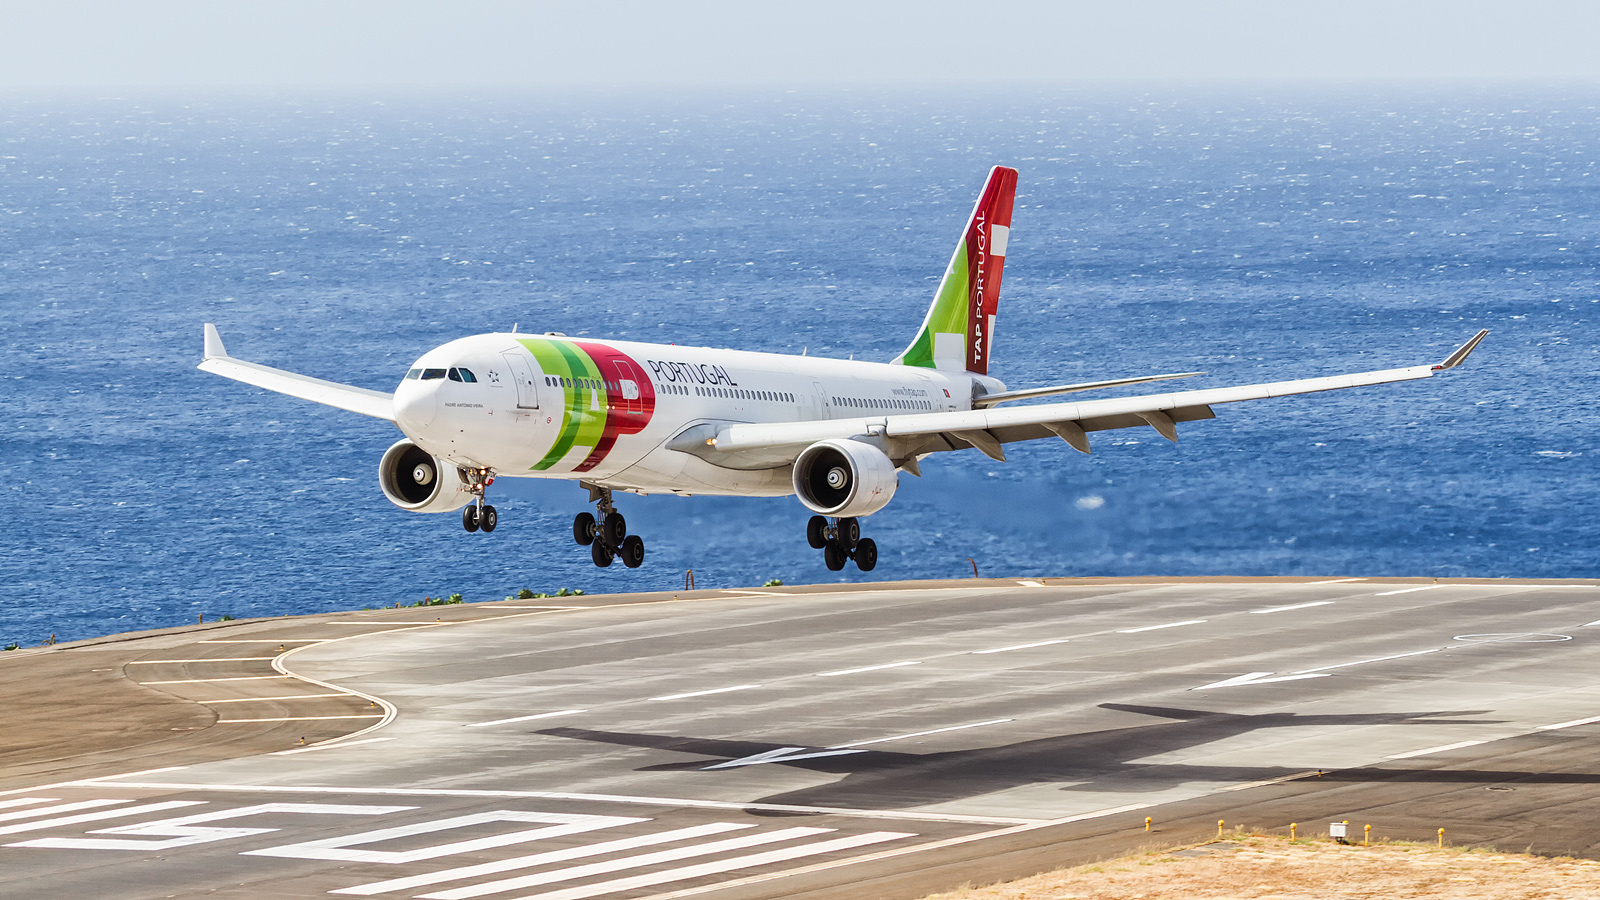 Resultado de imagen para Funchal Airport TAP